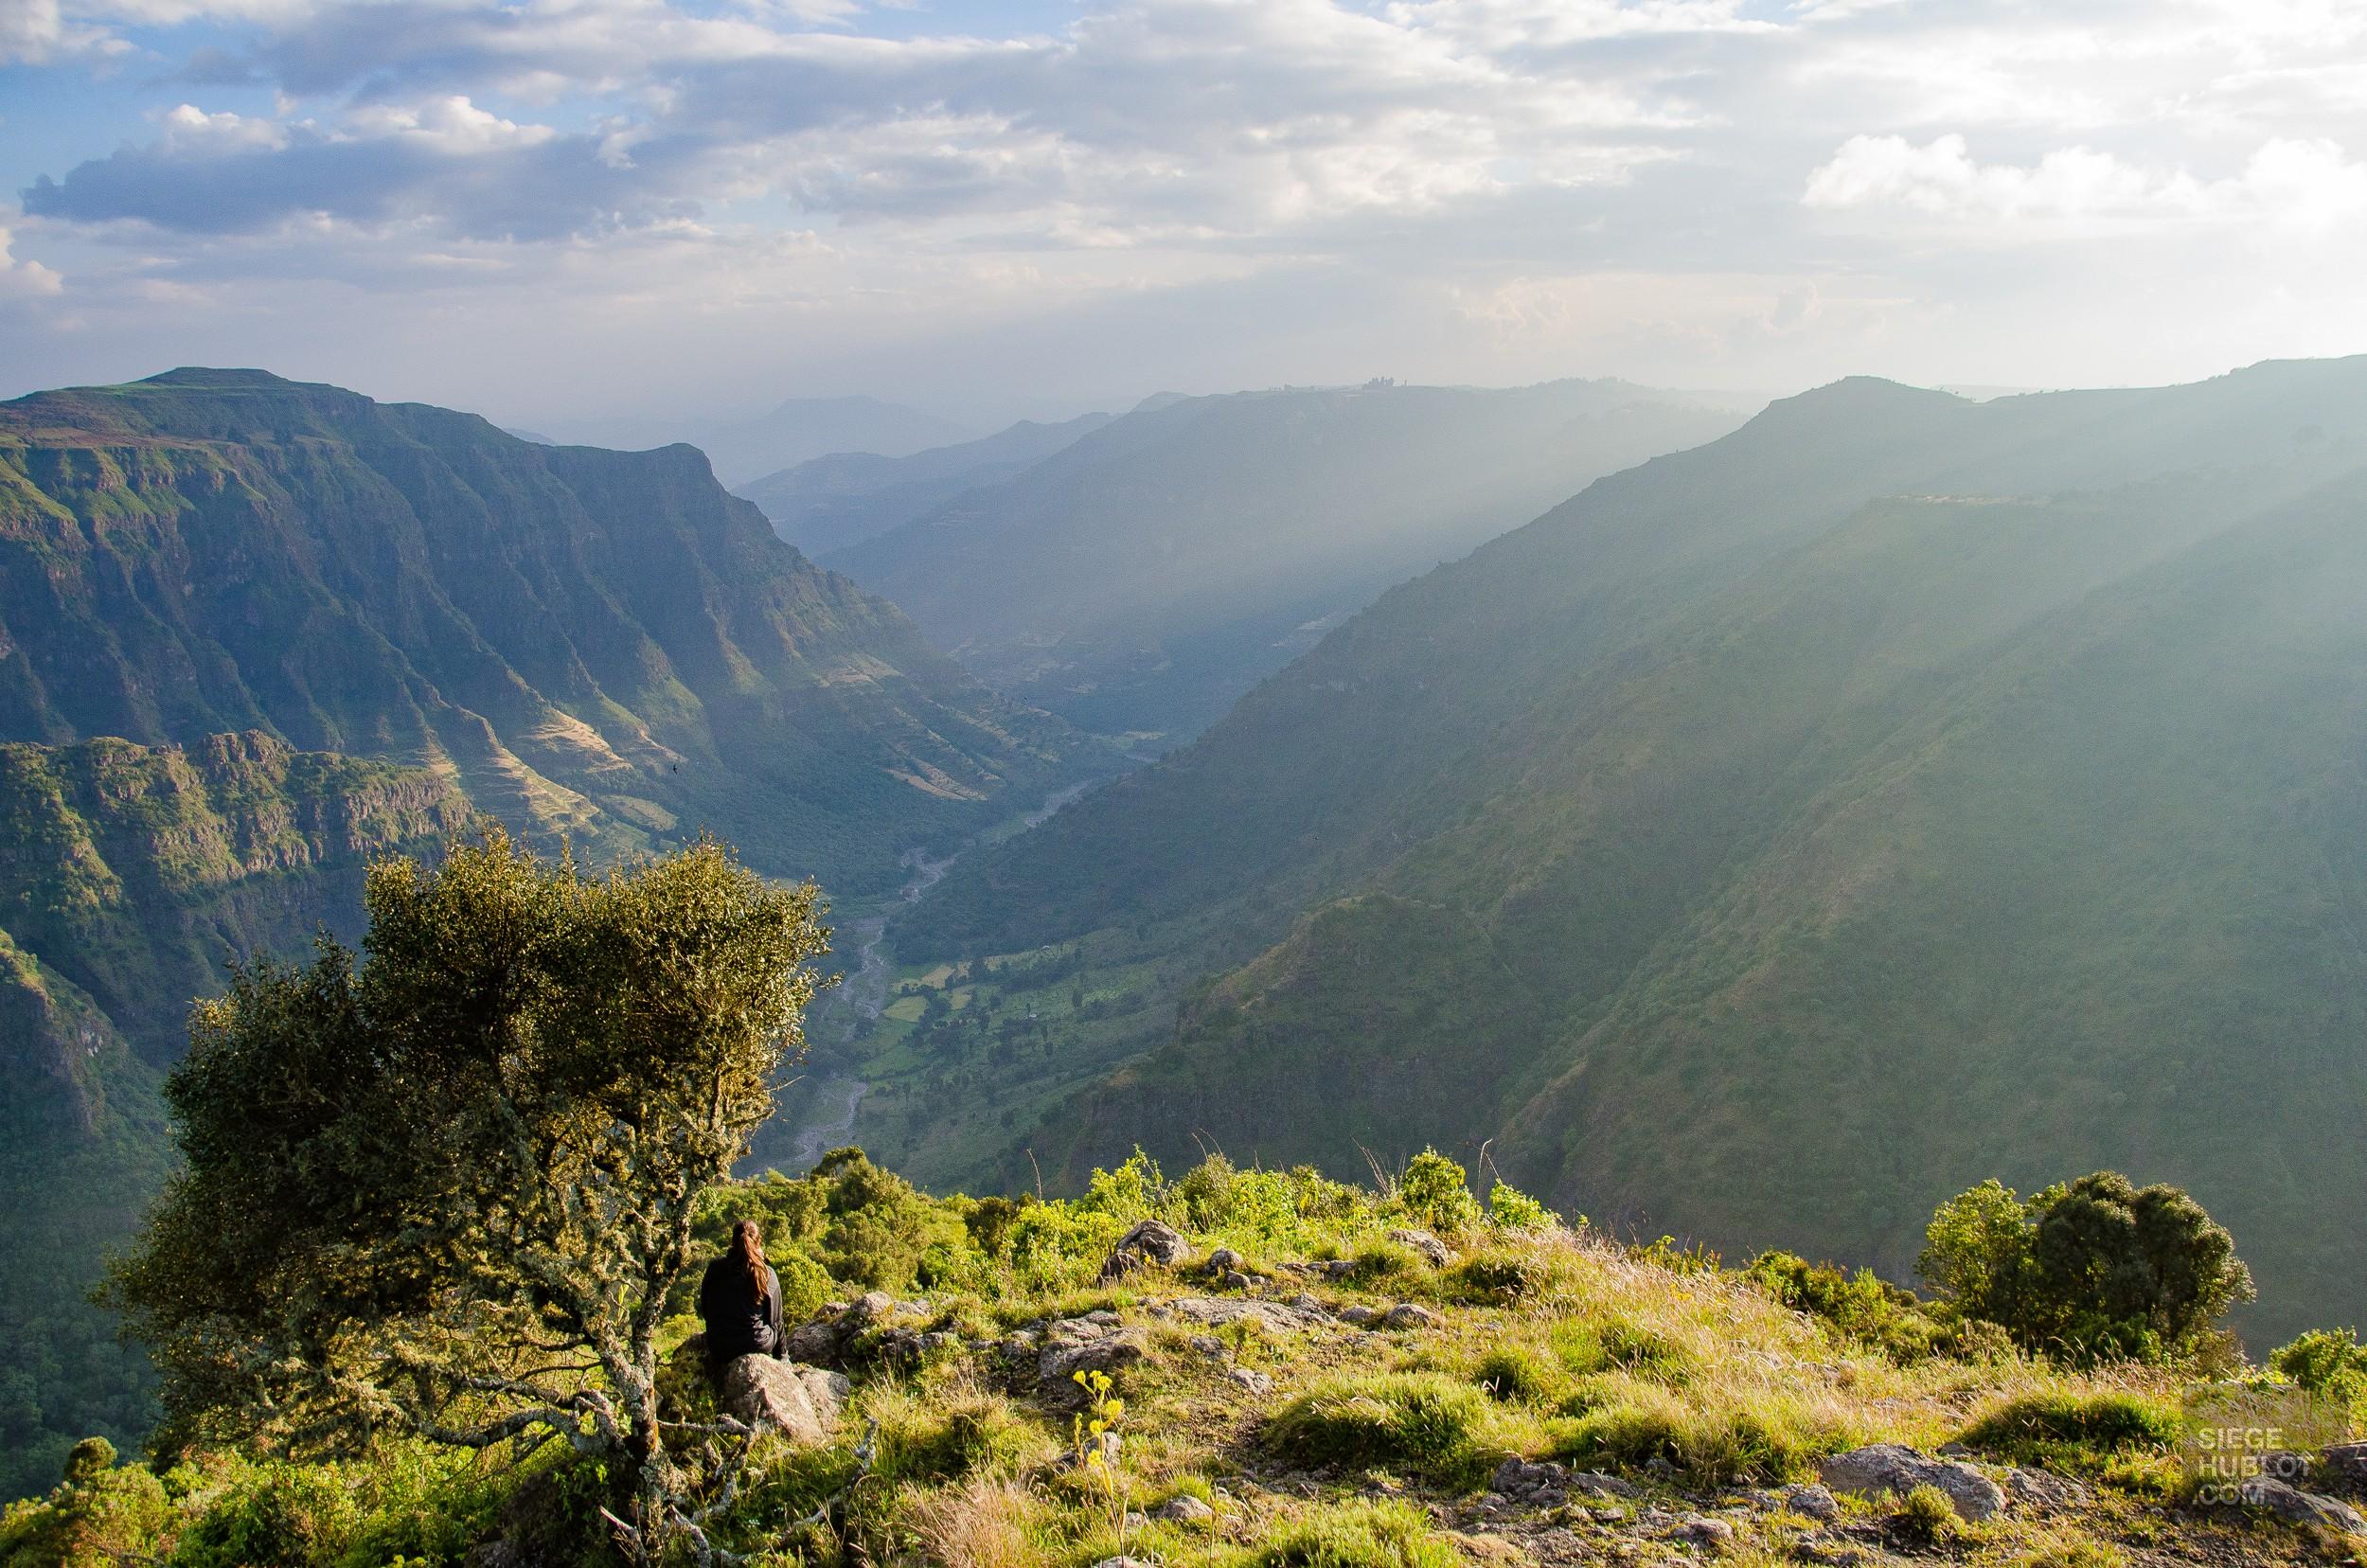 montagne repos panorama - des babouins dans les nuages monts simien ethiopie - Des babouins dans les nuages Monts Simien Ethiopie - afrique, ethiopie